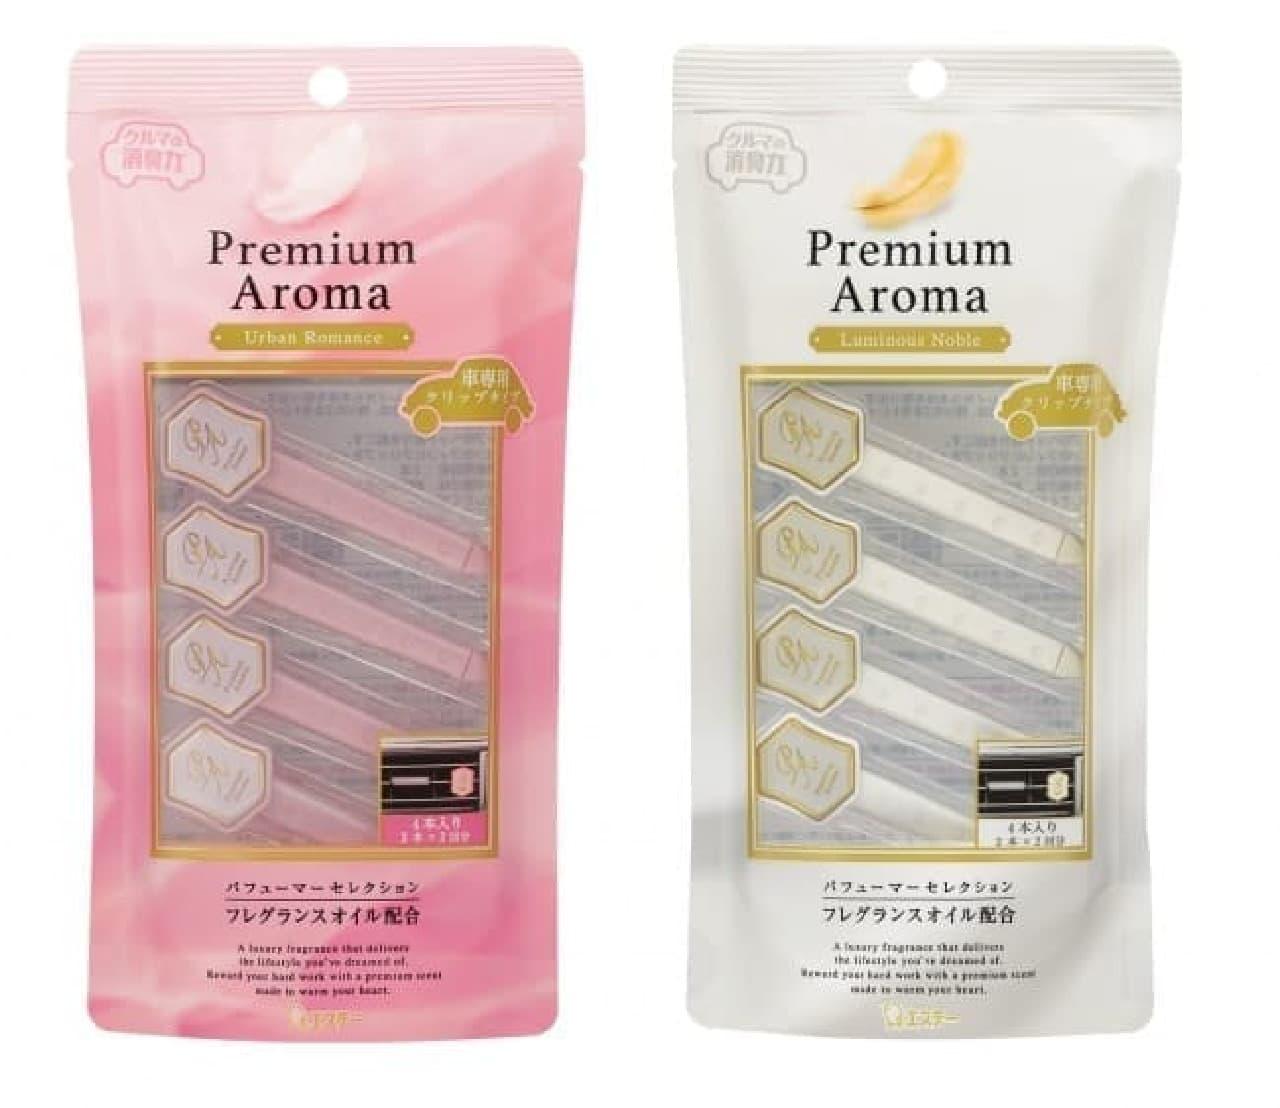 玄関・リビング用 消臭力スプレー Premium Aromaとクルマの消臭力 Premium Aroma クリップタイプ